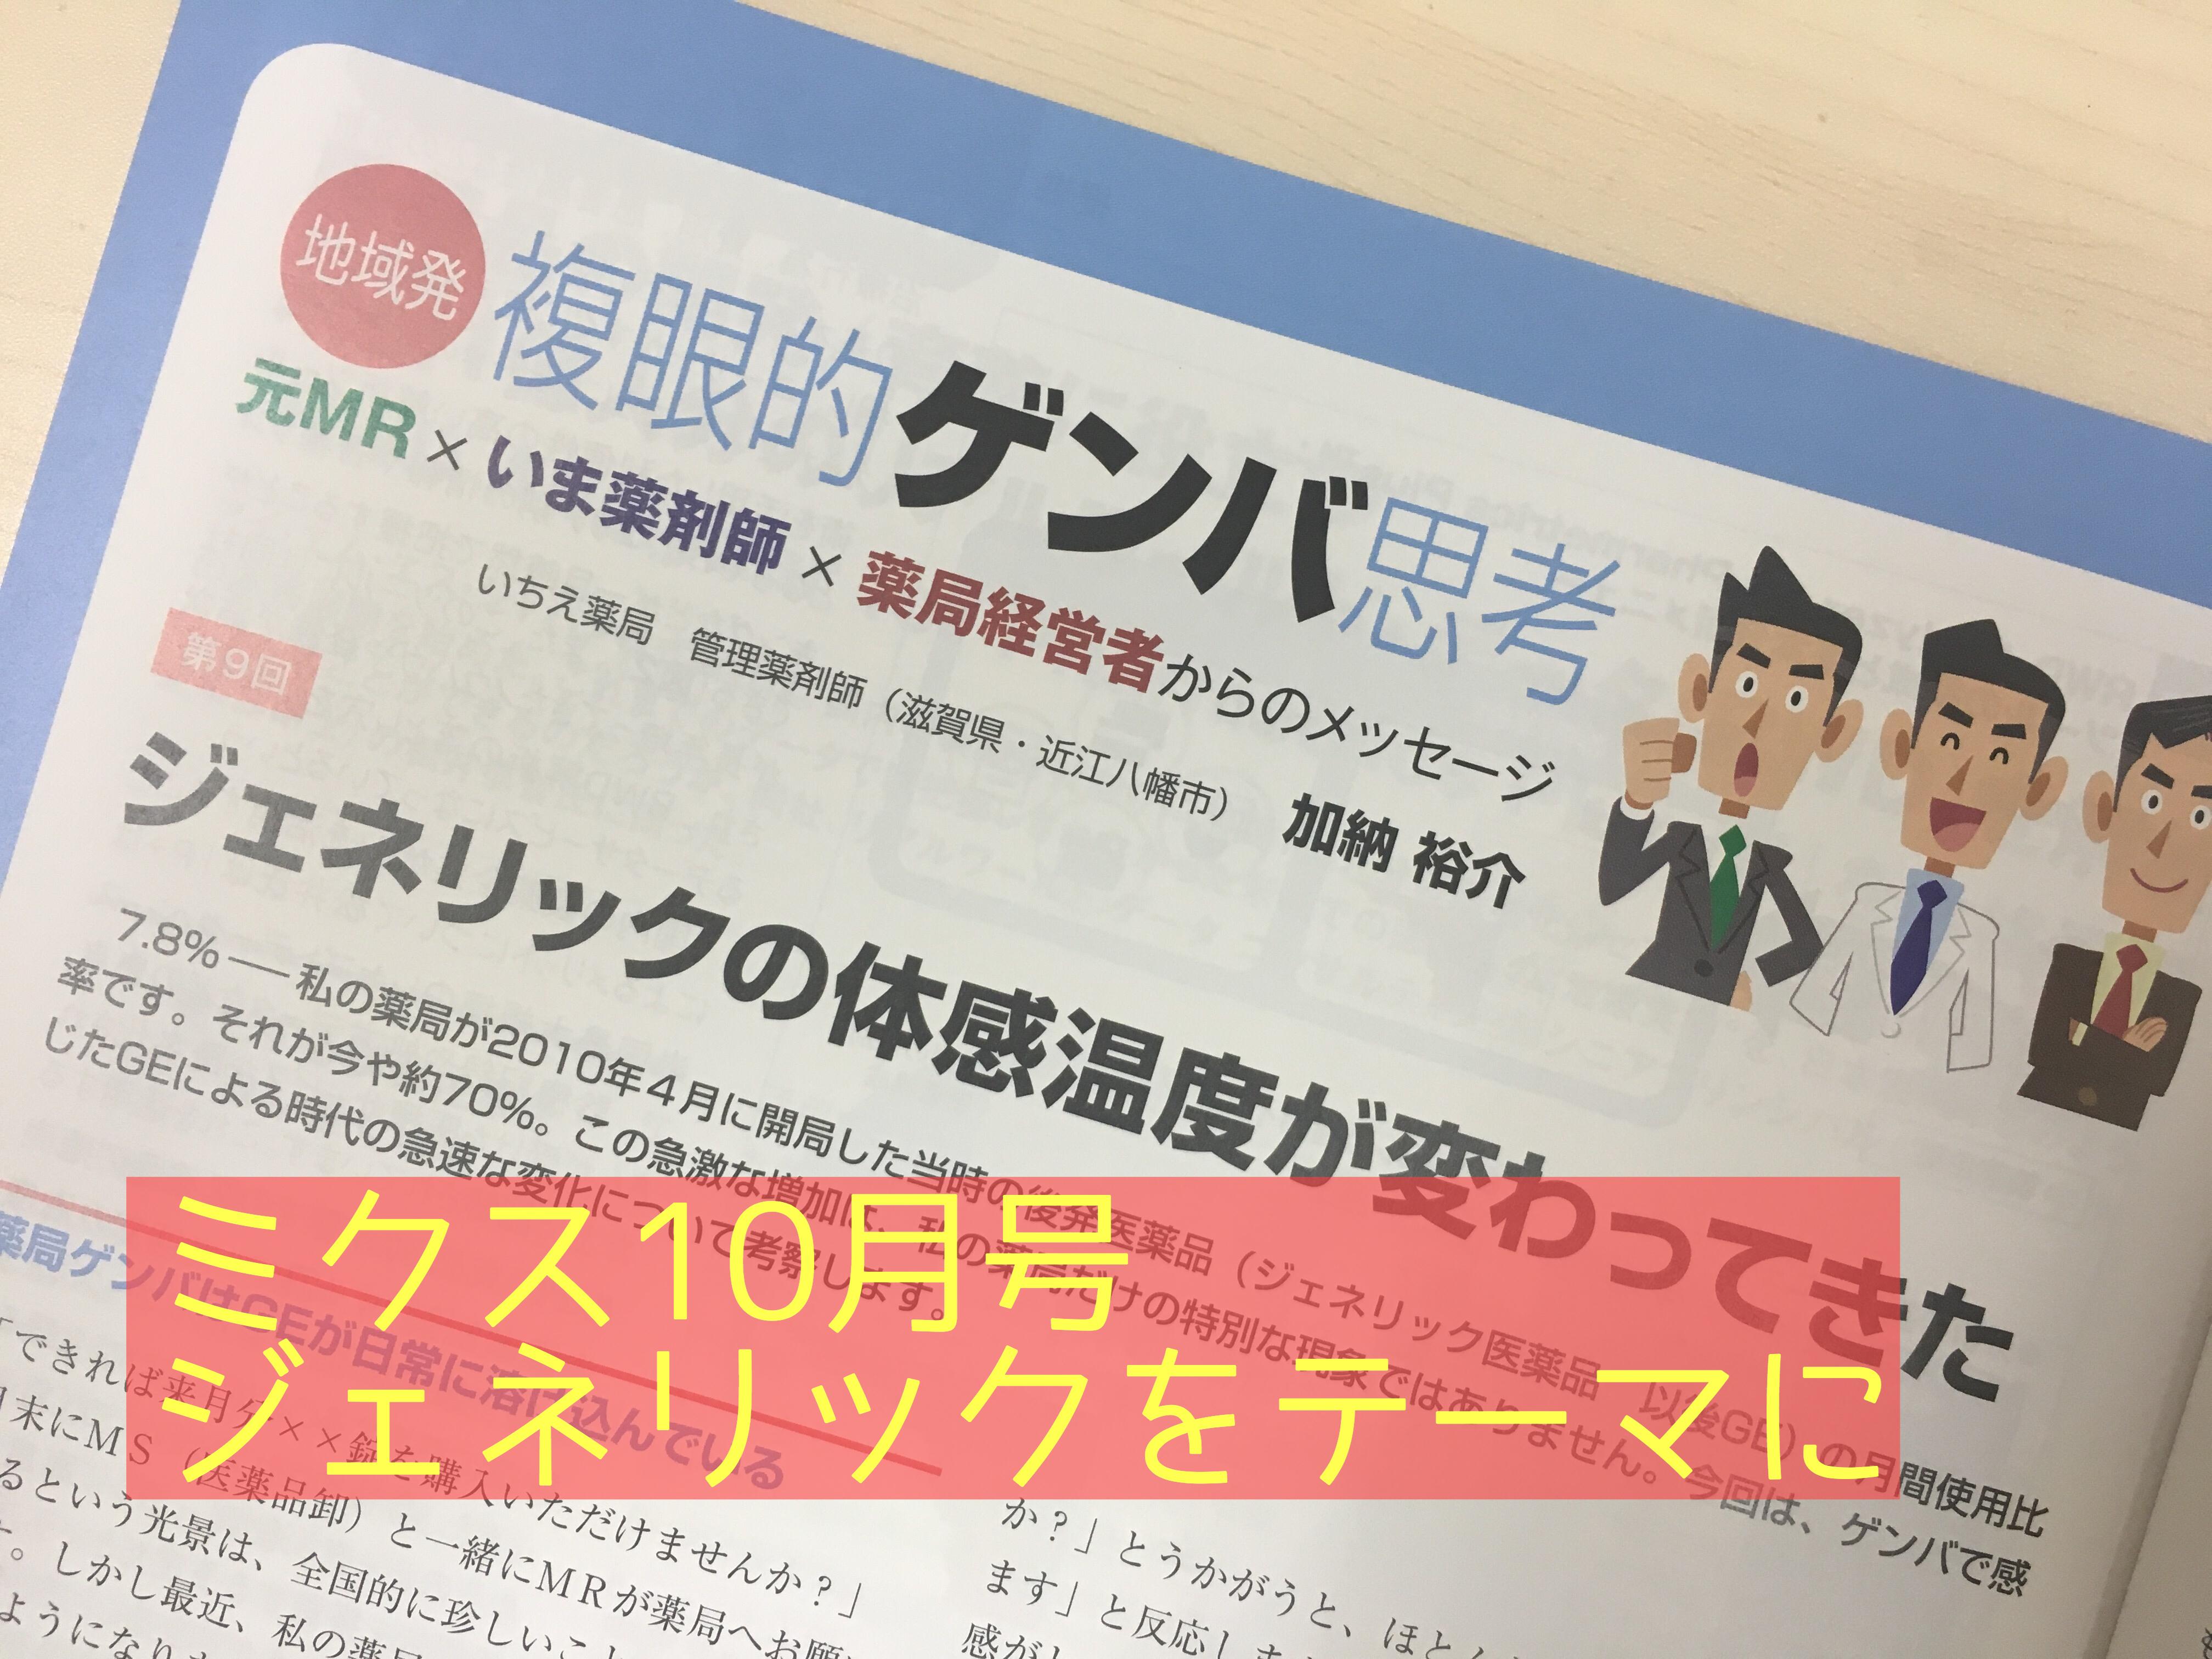 【必見!】ミクス10月号は『ジェネリック』をテーマに!!